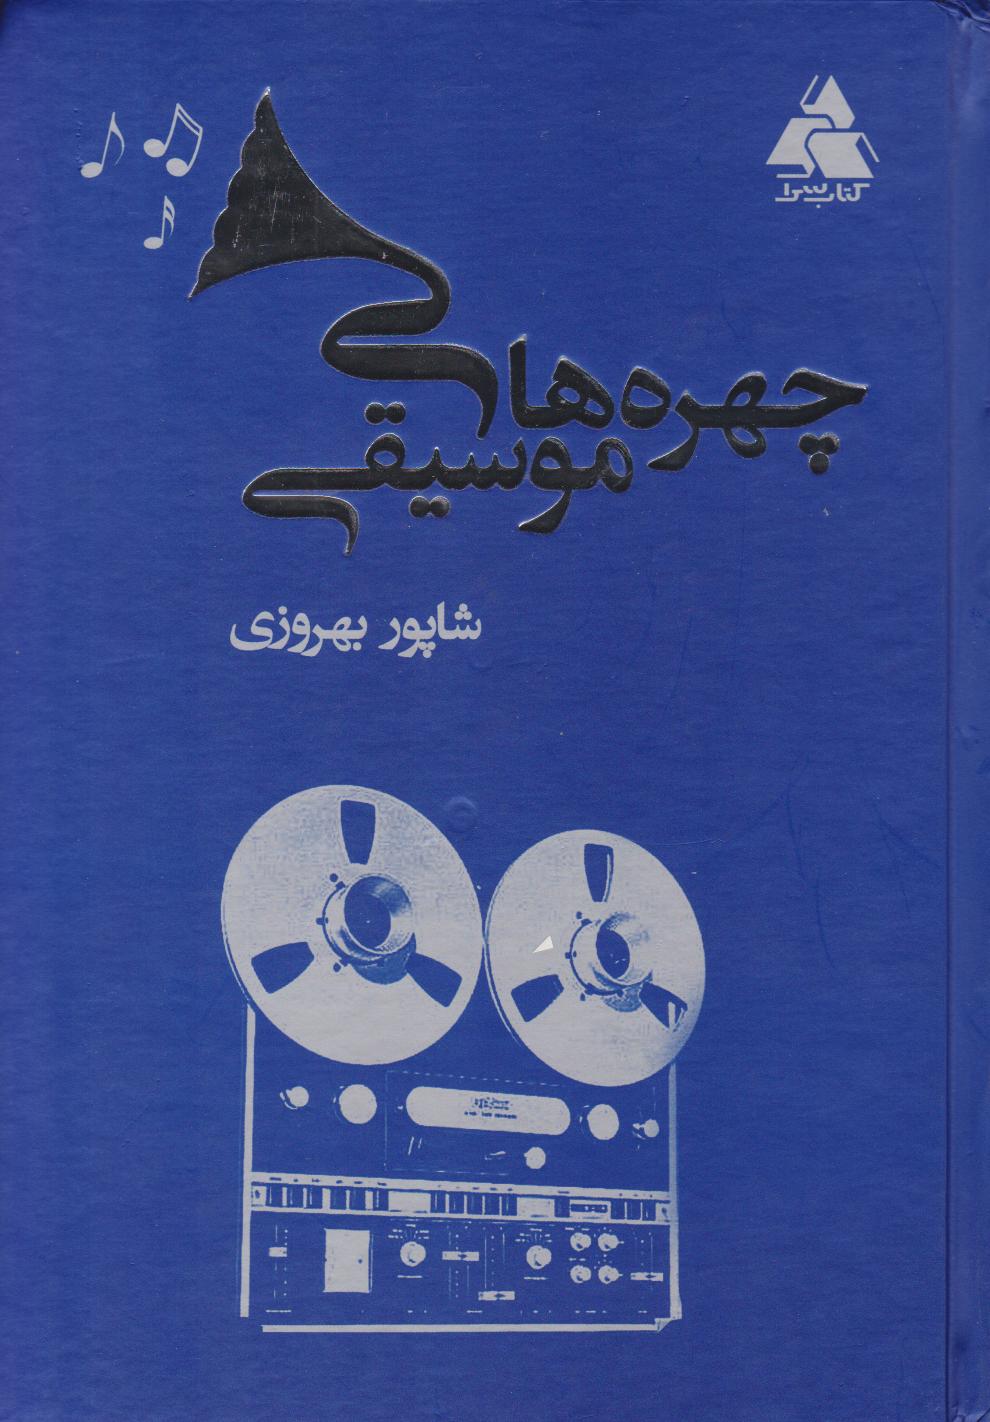 کتاب چهرههای موسیقی شاپور بهروزی انتشارات کتابسرا